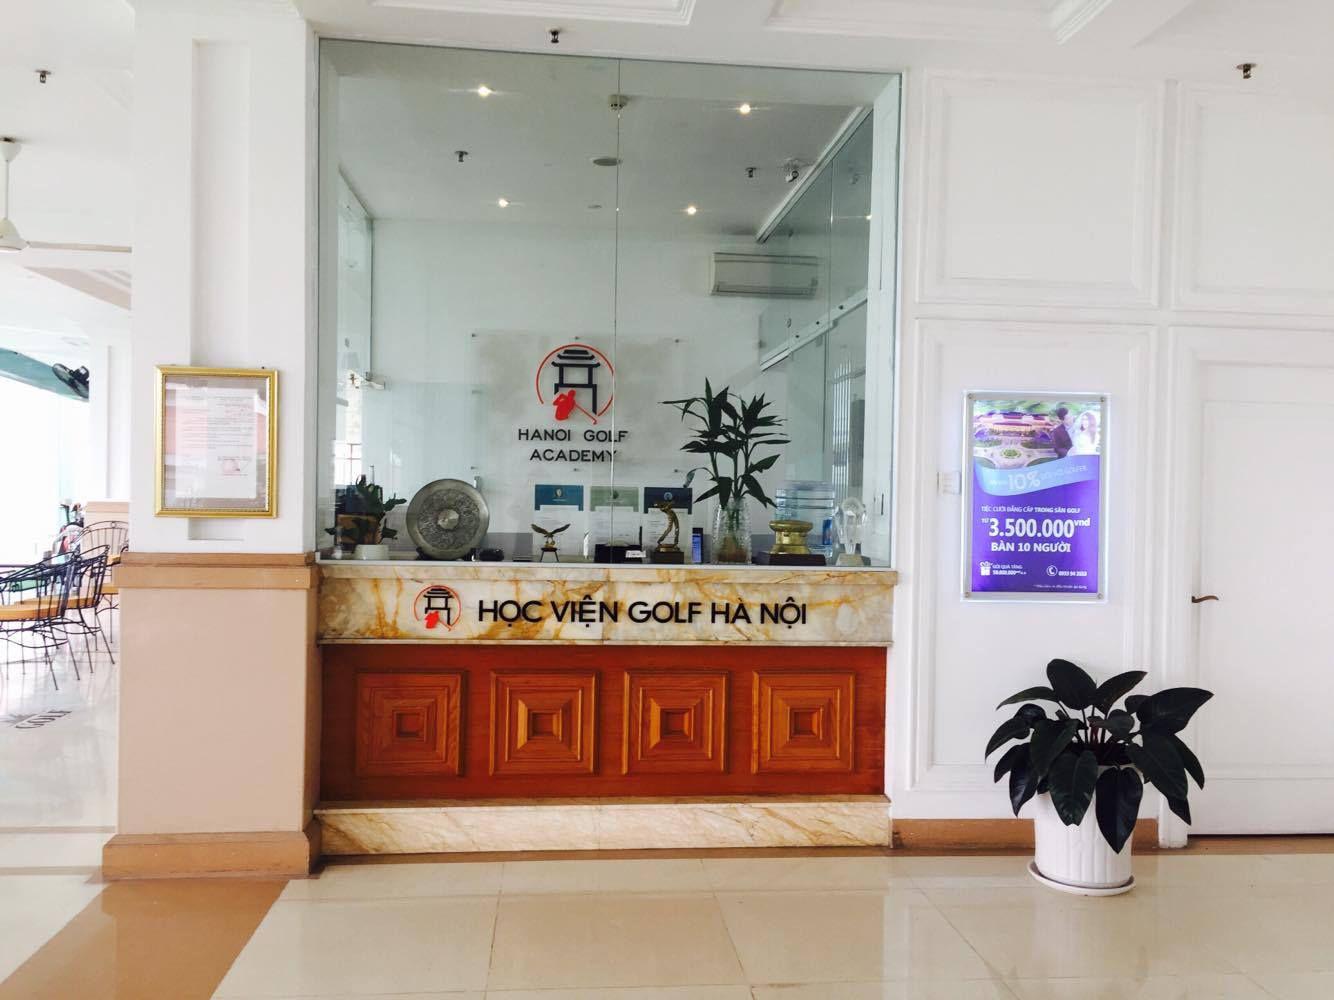 Sảnh của Học viện golf Hà Nội